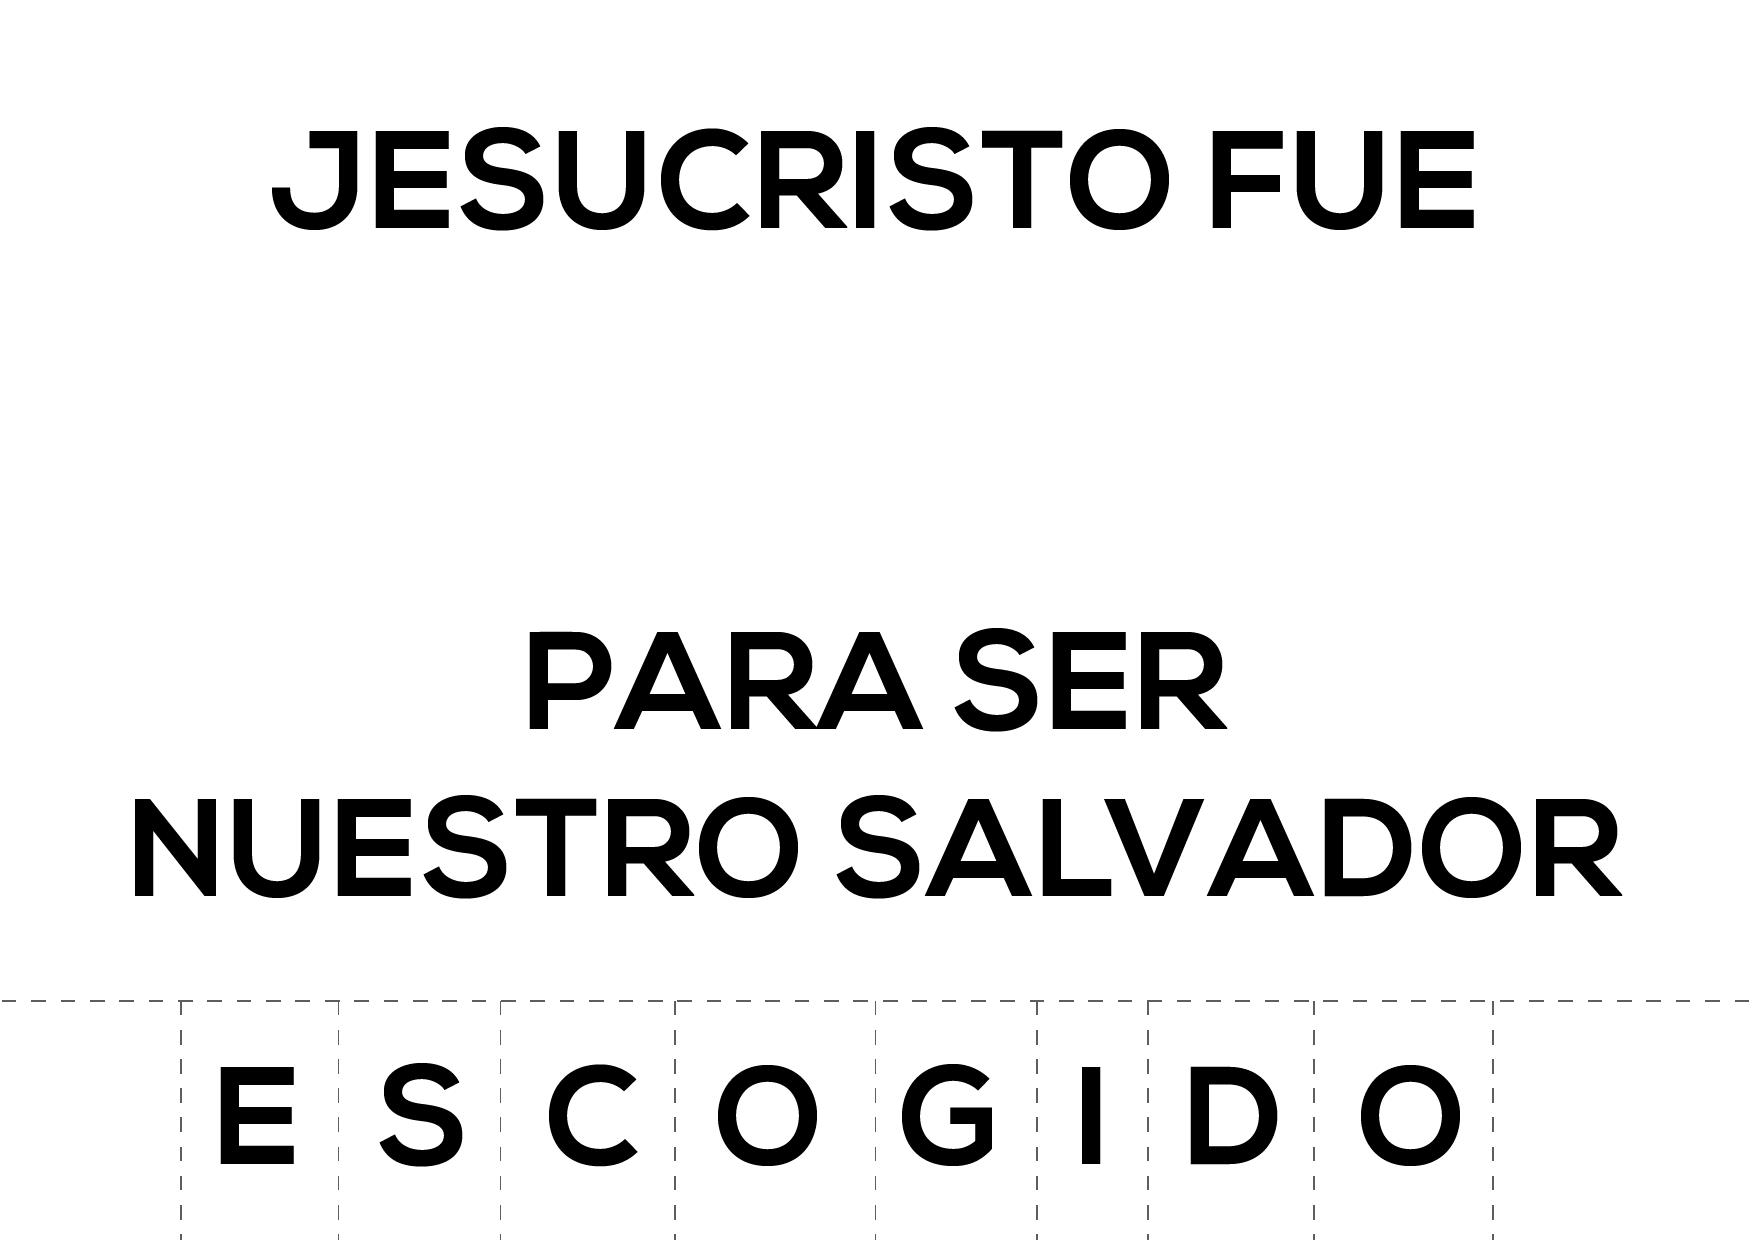 Jesucristo fue escogido para ser nuestro salvador-conexionsud-04